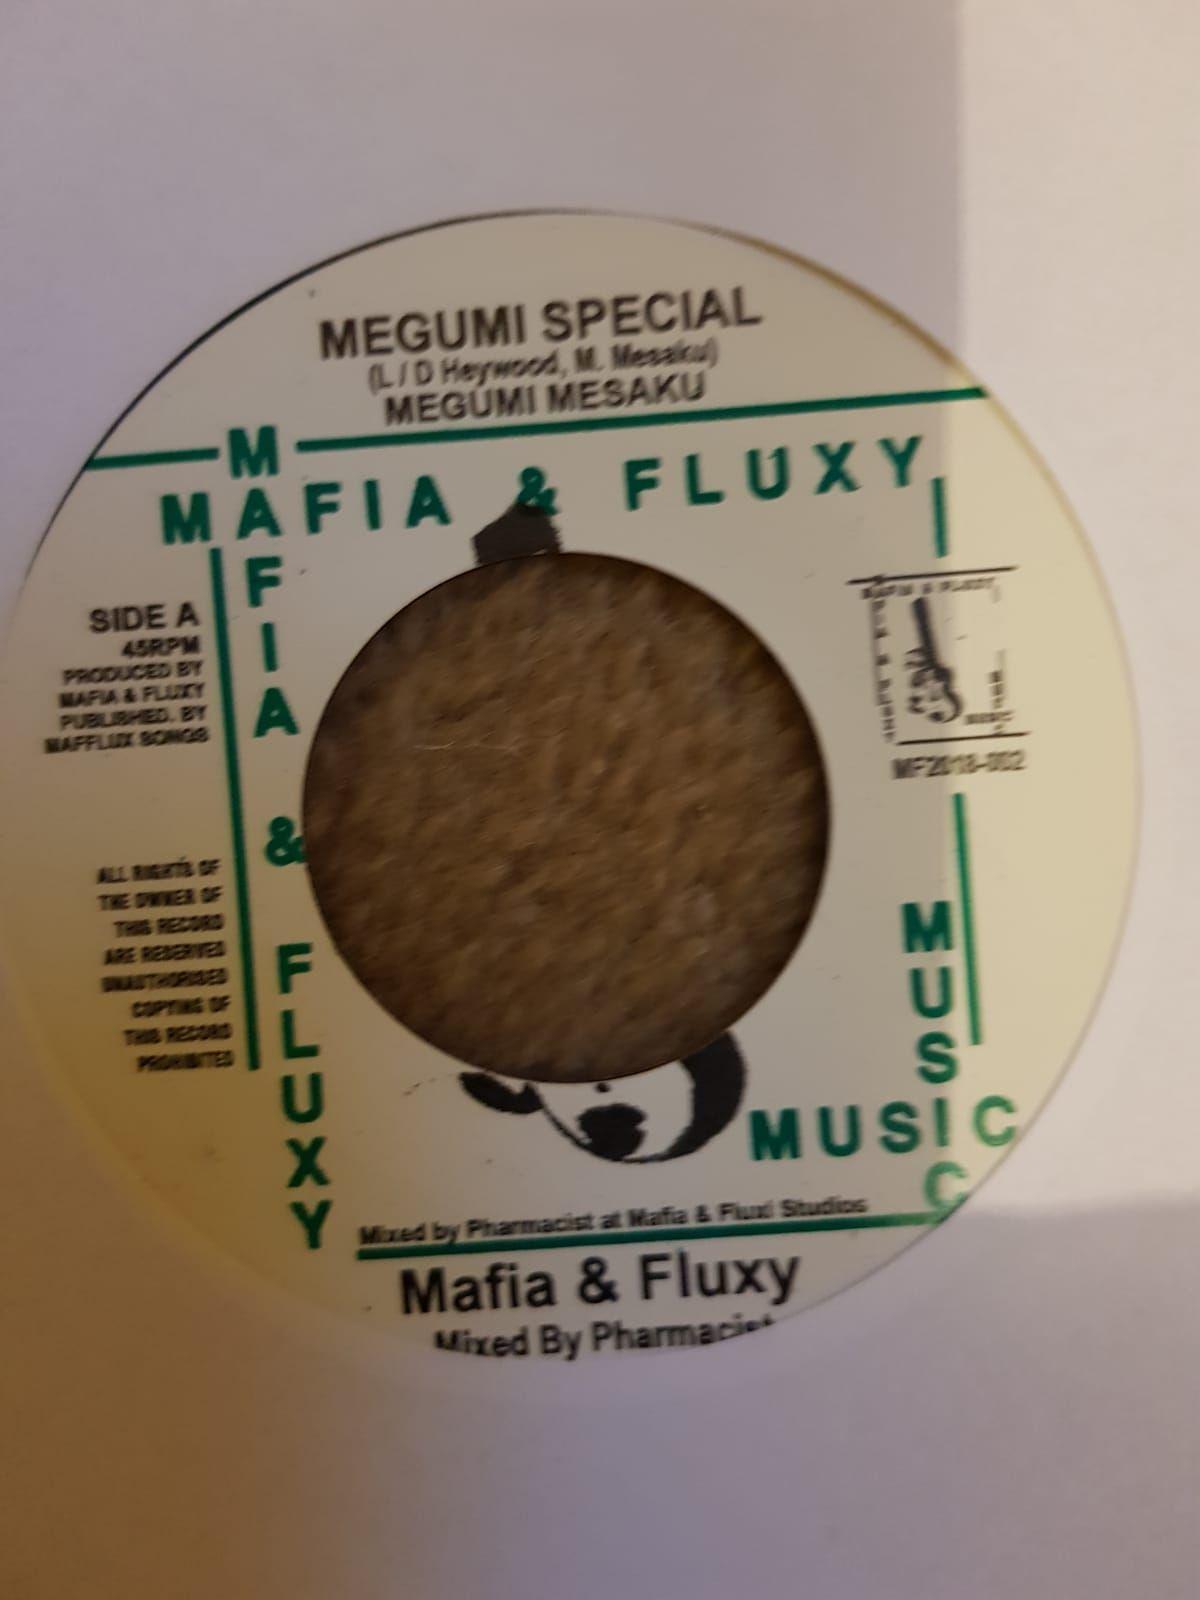 Megunia Special